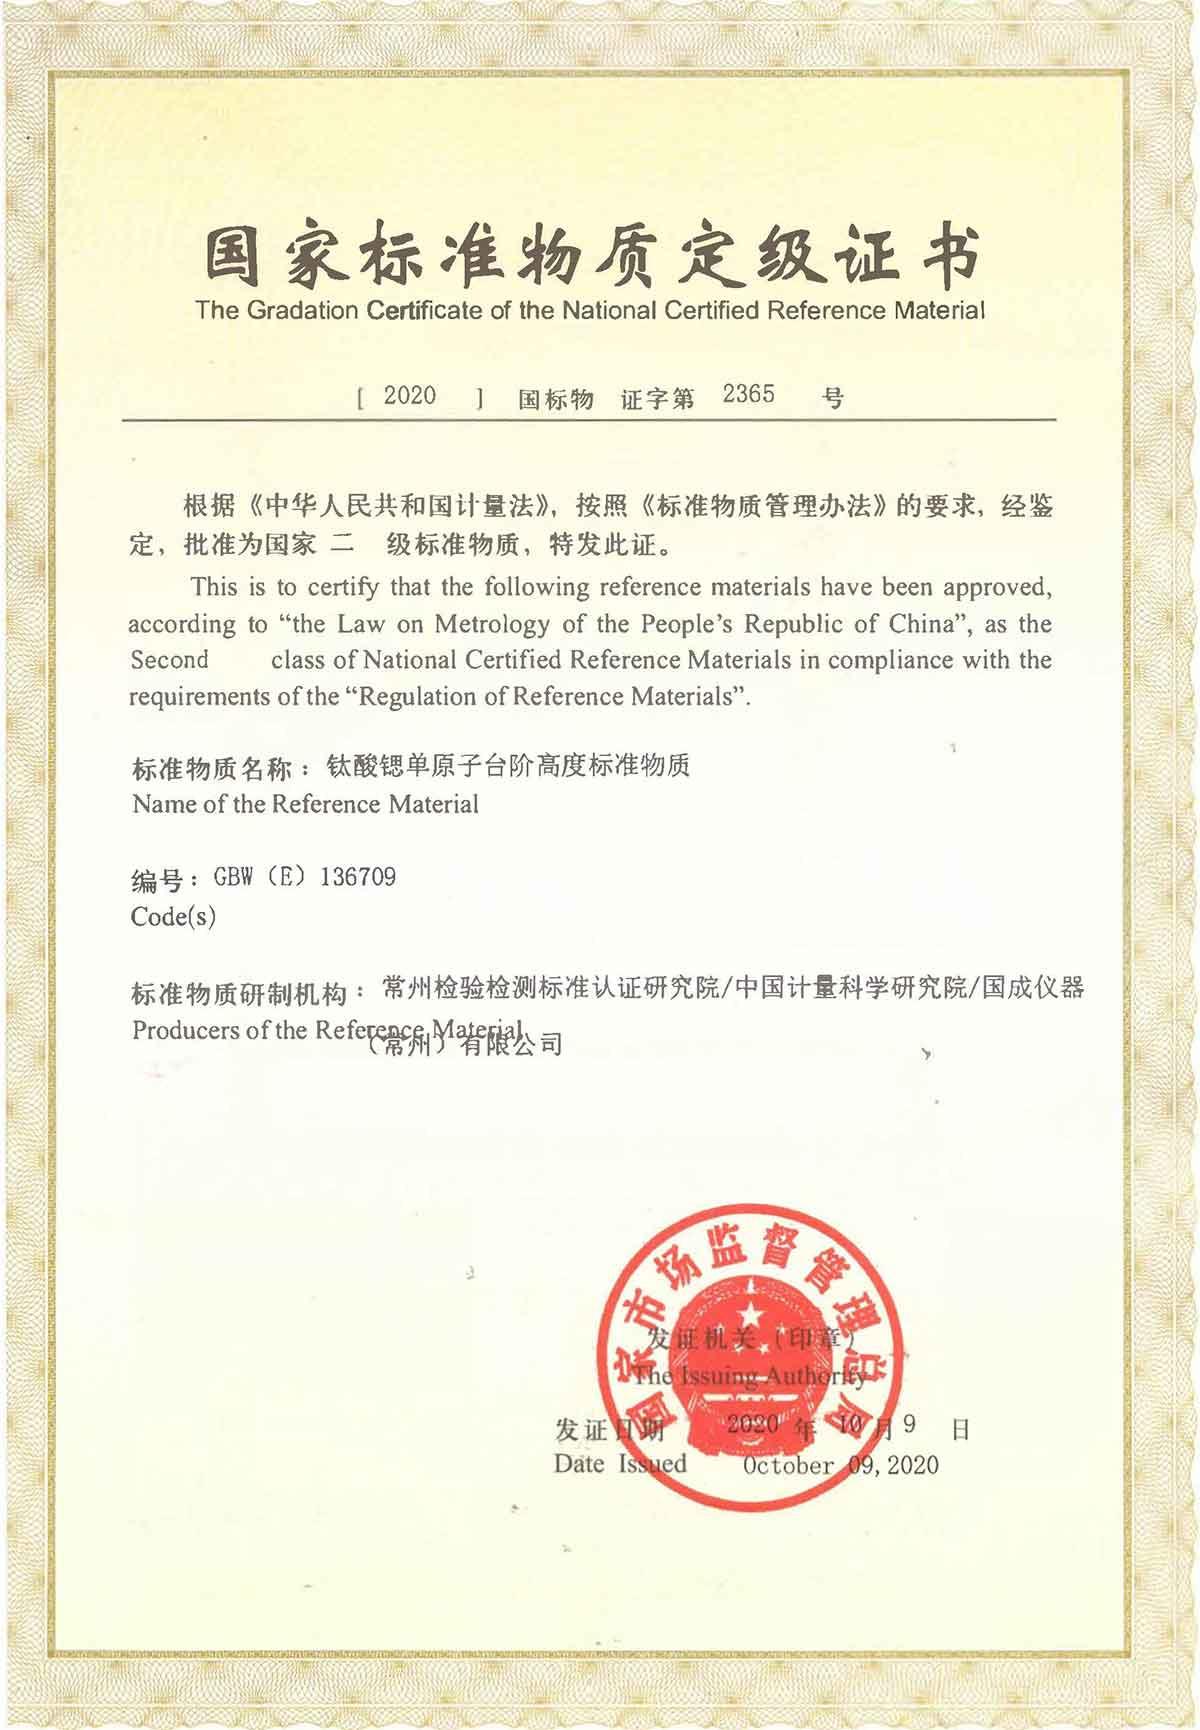 国成仪器获得标准物质定级证书